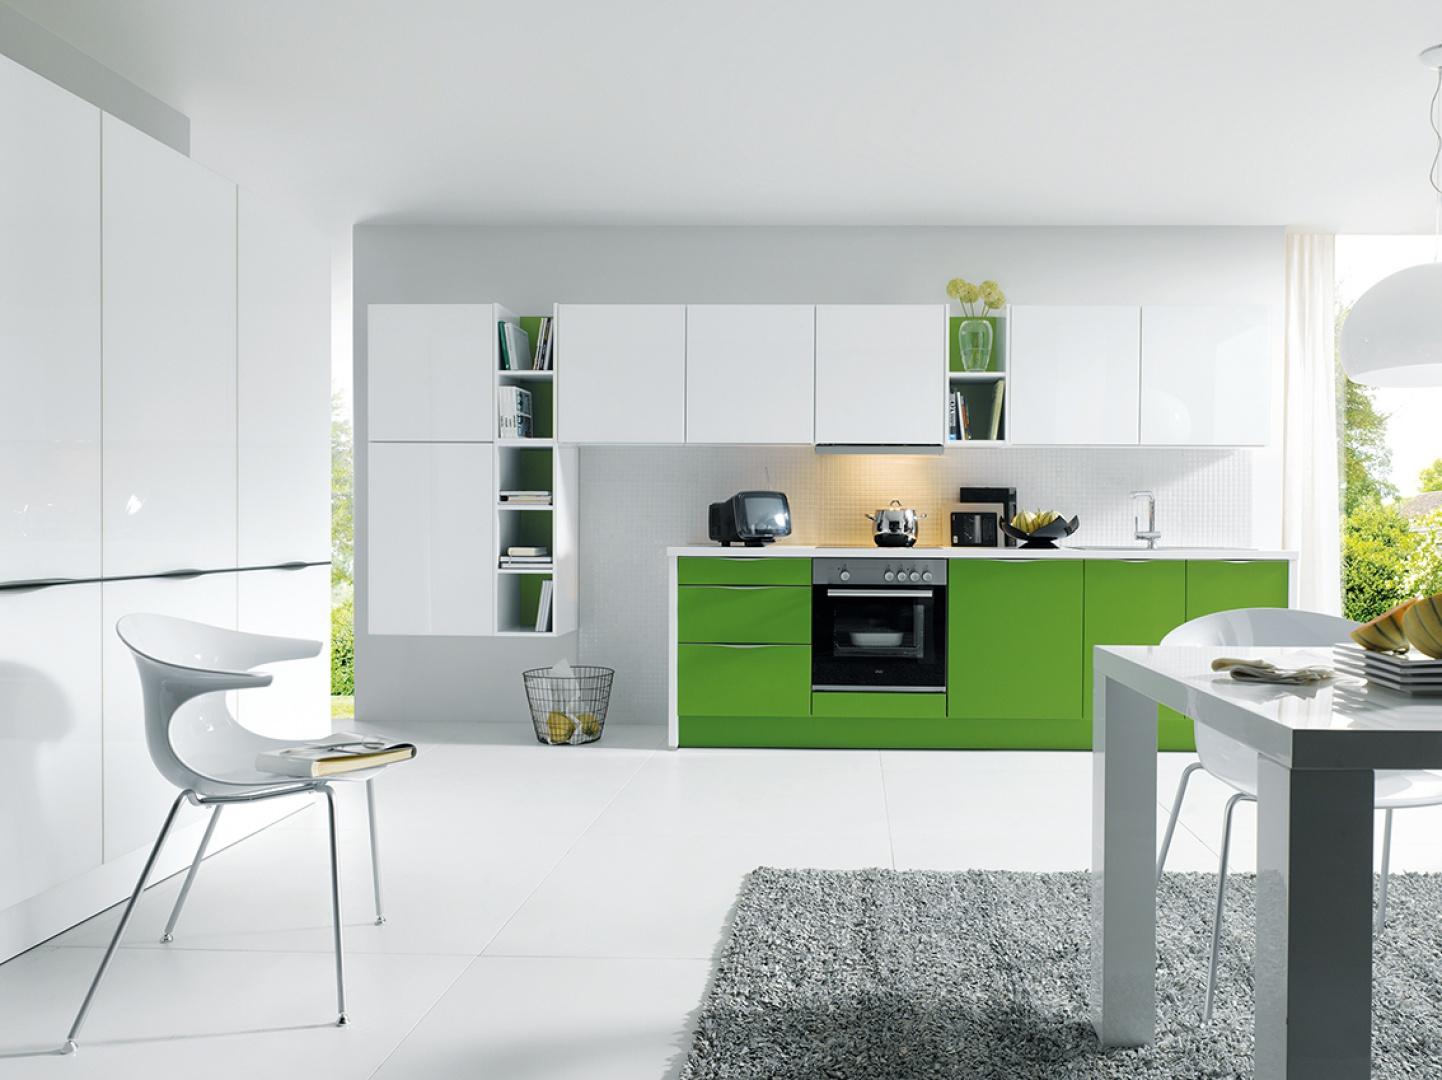 Świeże i bardzo eleganckie połączenie intensywnej zieleni z bielą. Fronty polakierowane satynowym lakierem w kolorze